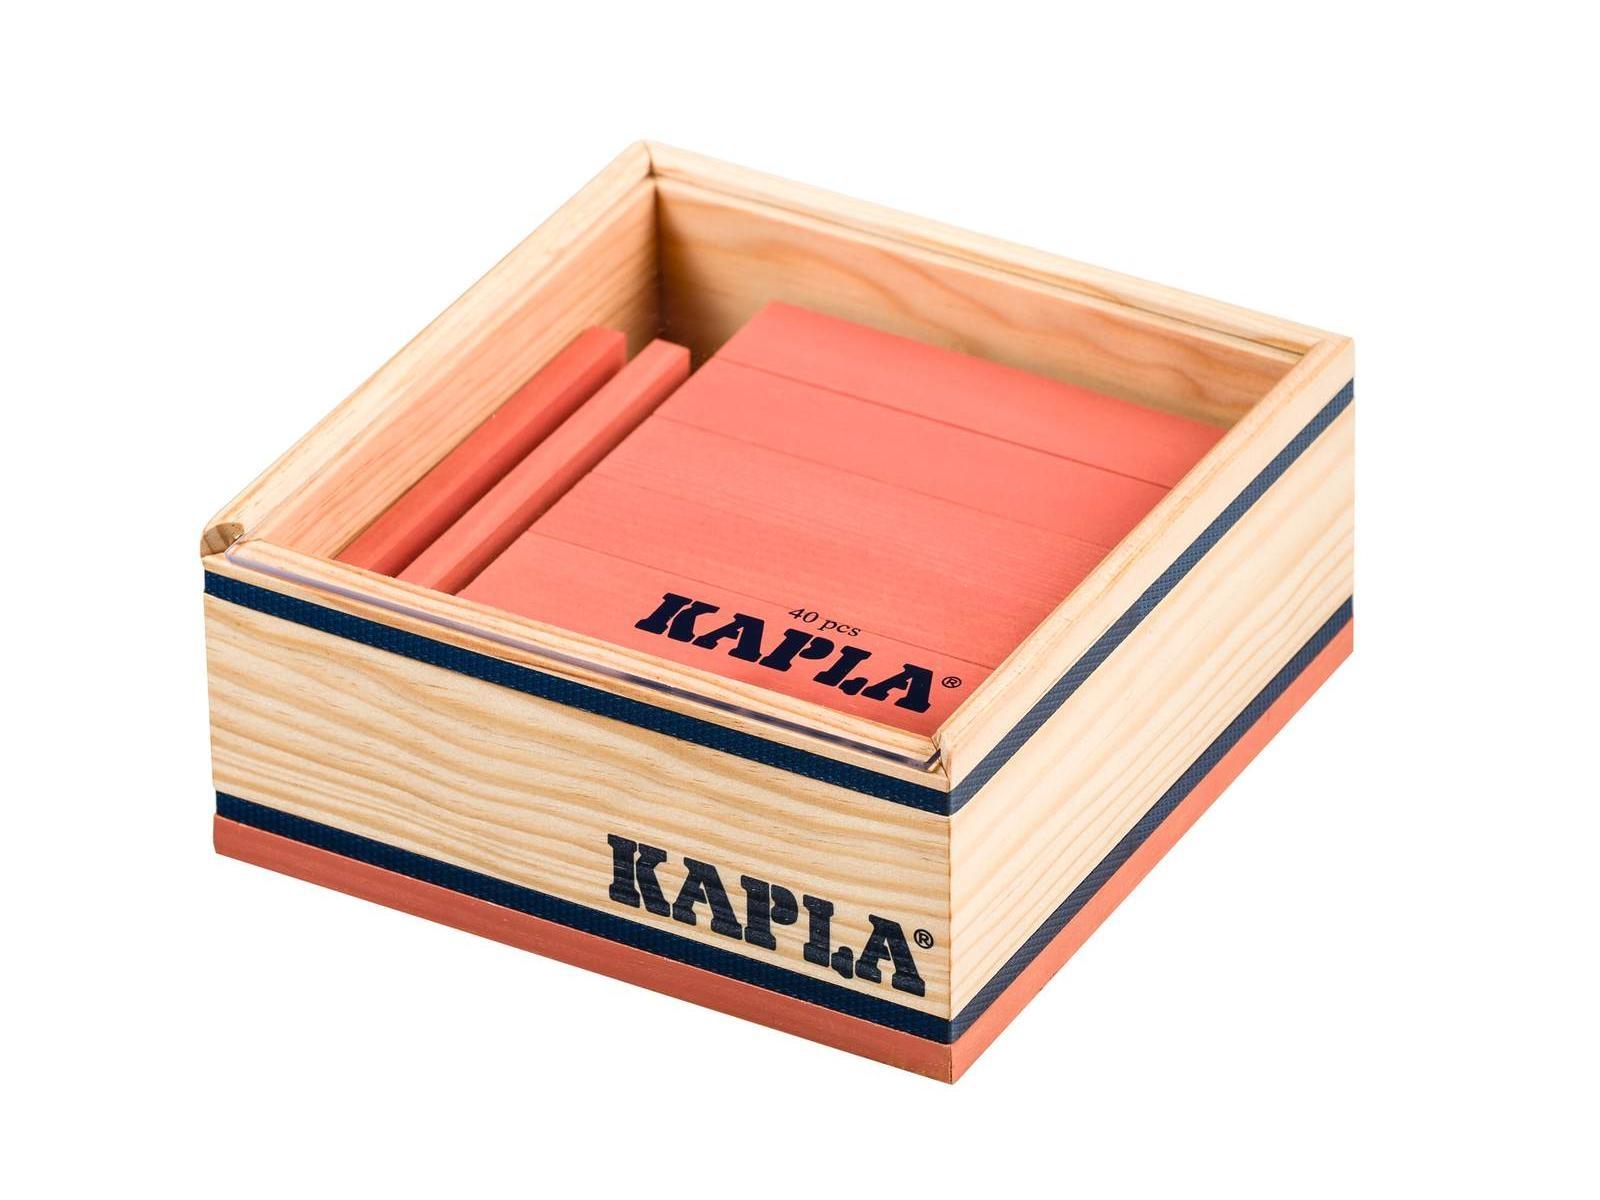 Kapla - Carré 40 Rose